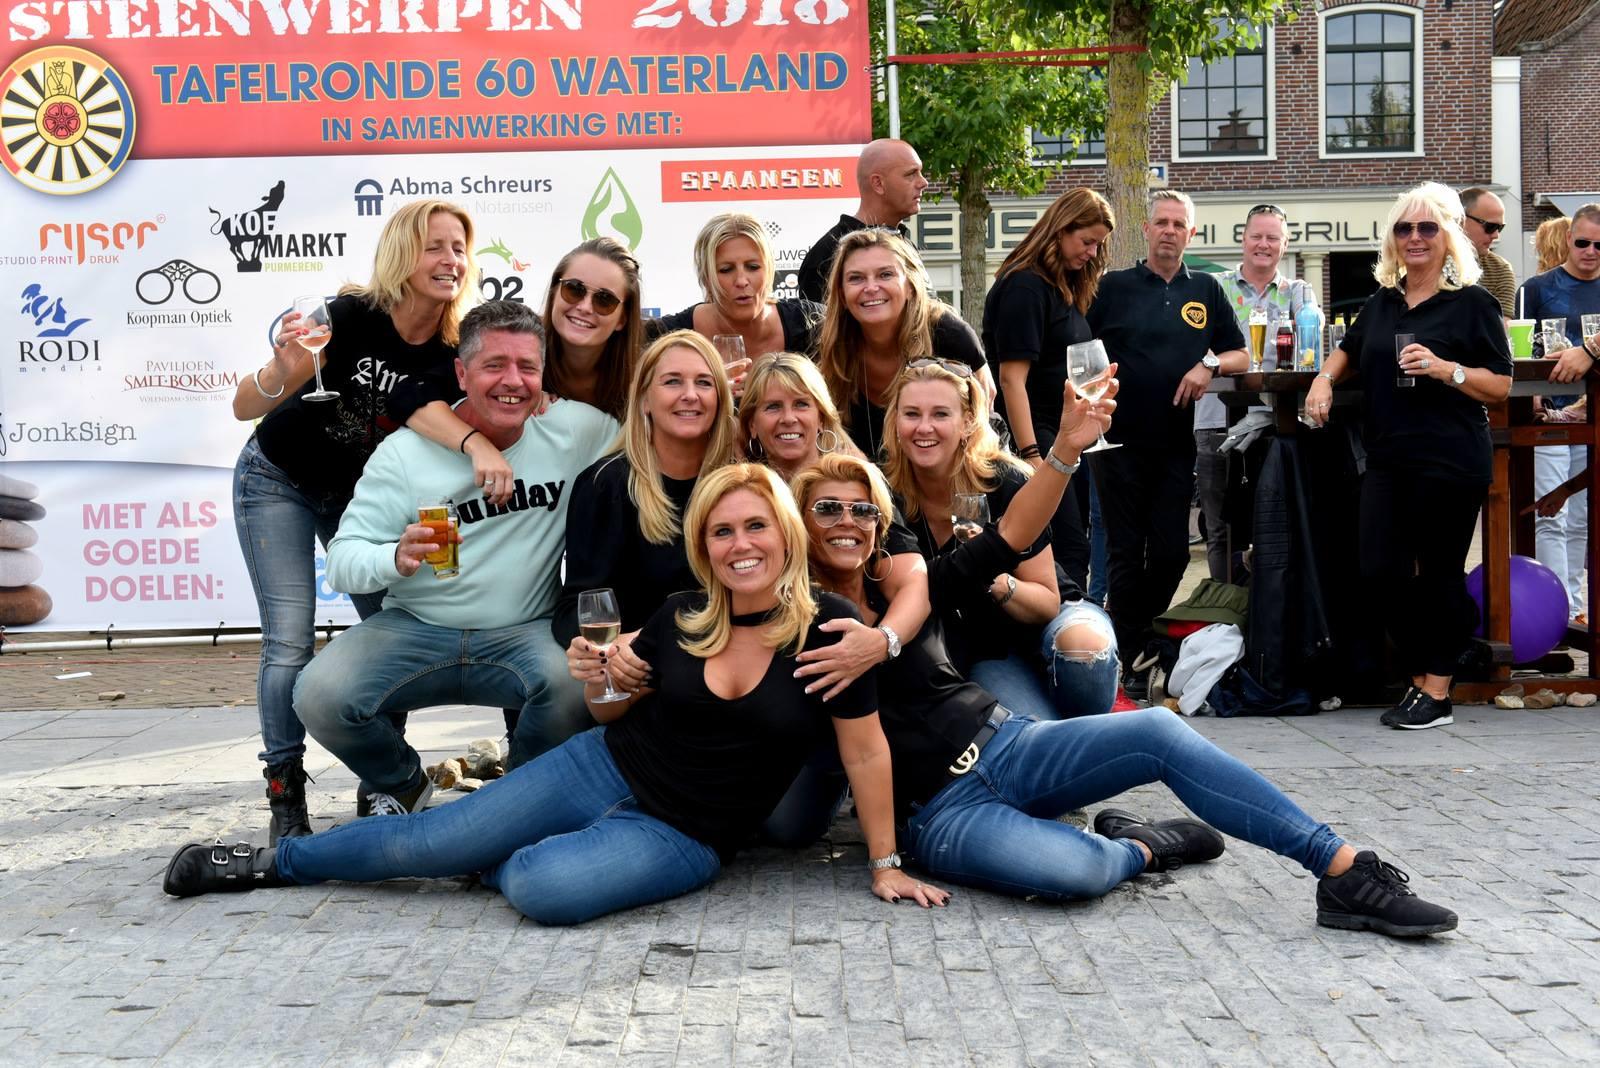 Clup Welzijn en Stichting Jarige Job waren wat blij met de cheque die ze kregen overhandigd. (Foto: Tafelronde 60 Waterland) rodi.nl © rodi